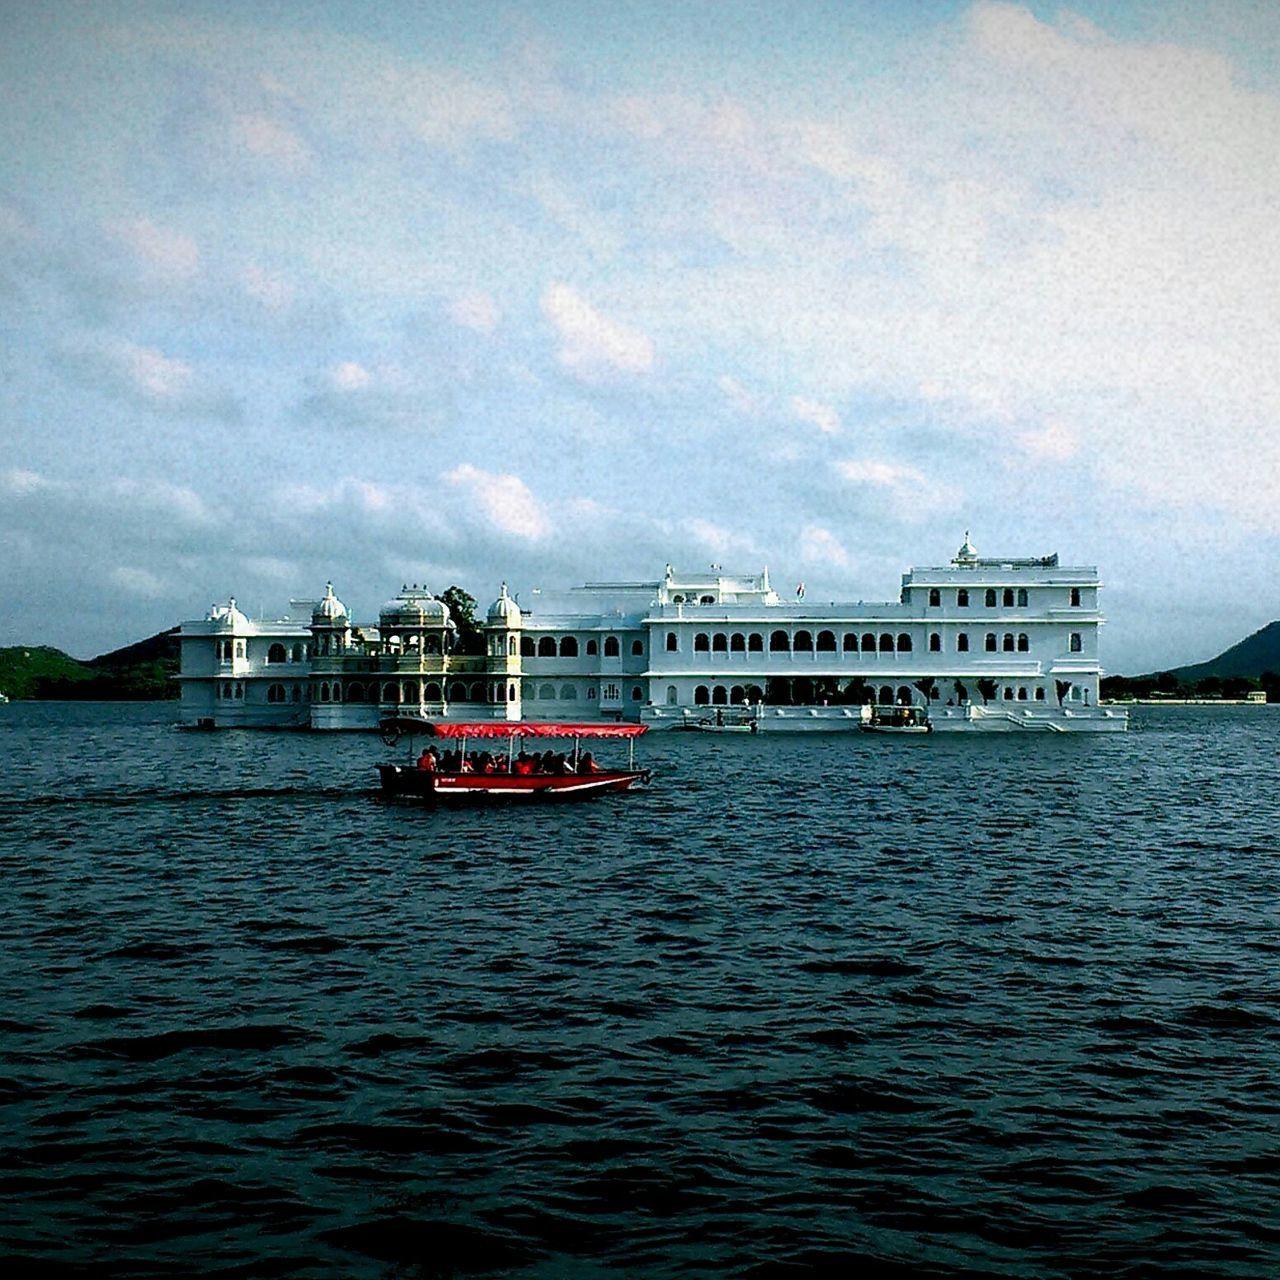 The Week On EyeEm Udaipur India Lakepalace Boats⛵️ Beautiful Bluewater Taking Photos Hanging Out Like Followme Amazing Enjoying The View